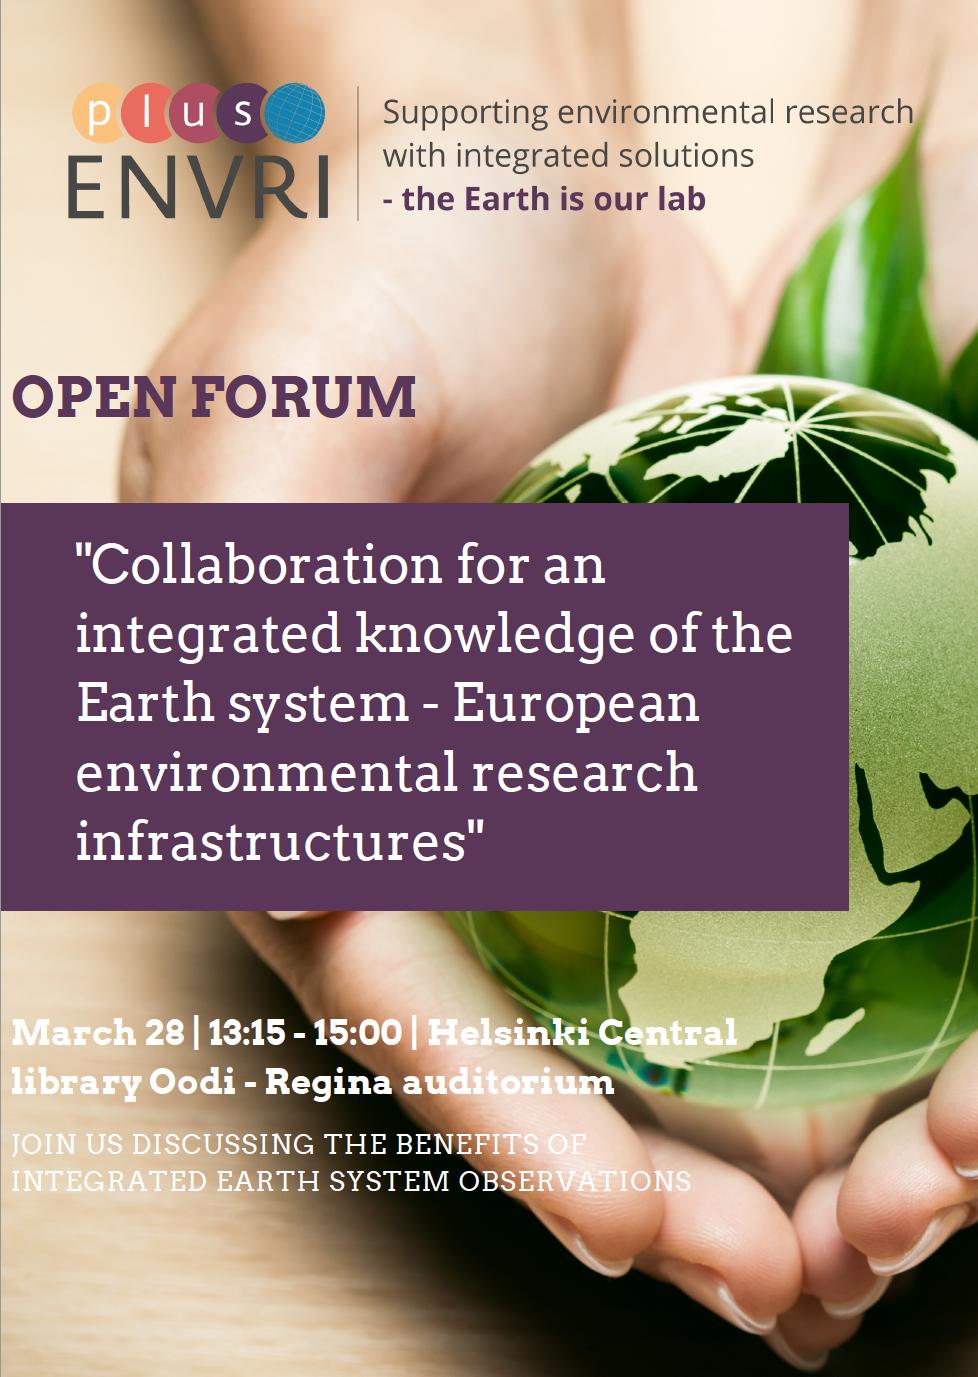 ENVRIplus_Open_Forum_invitation